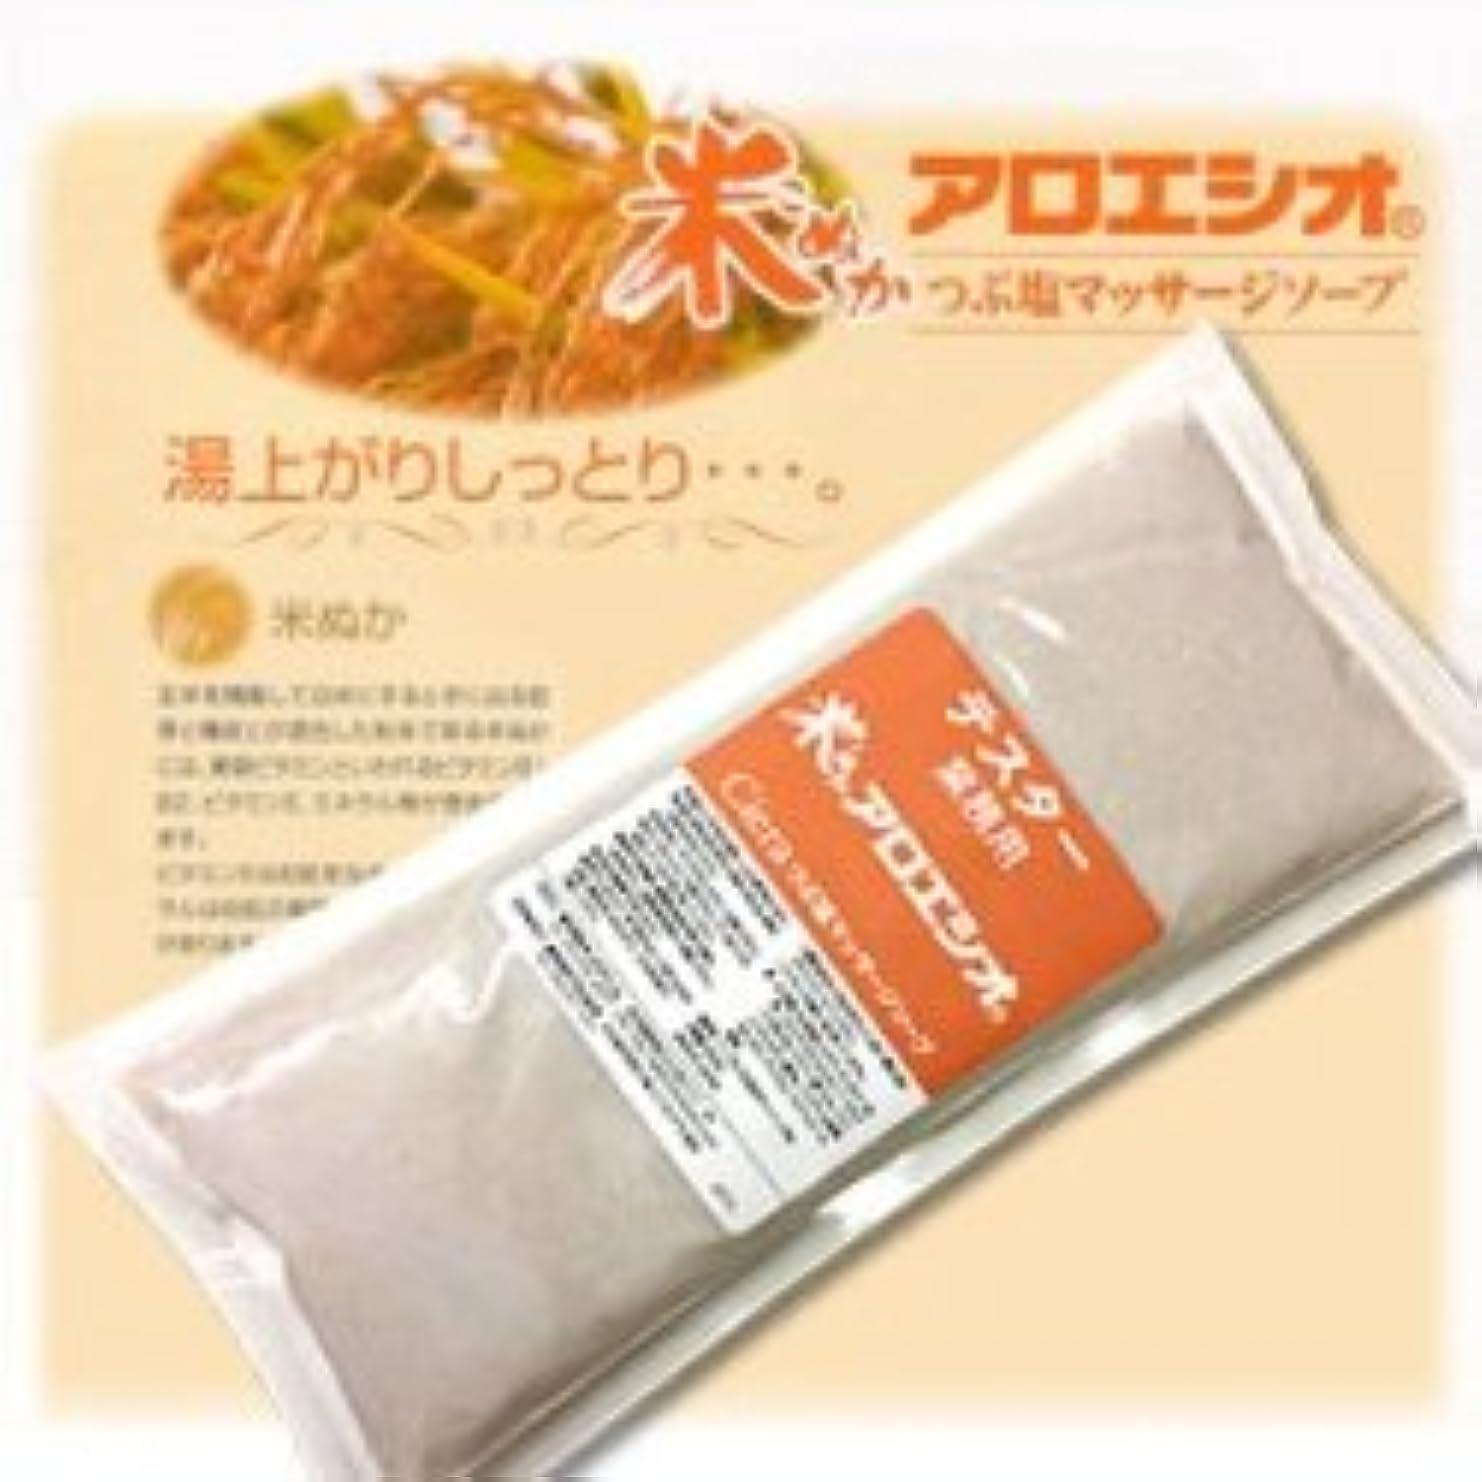 審判名誉エクスタシー業務用米ぬかアロエ塩 800g つぶ塩マッサージソープ/ フタバ化学 アロエシオ Ciera